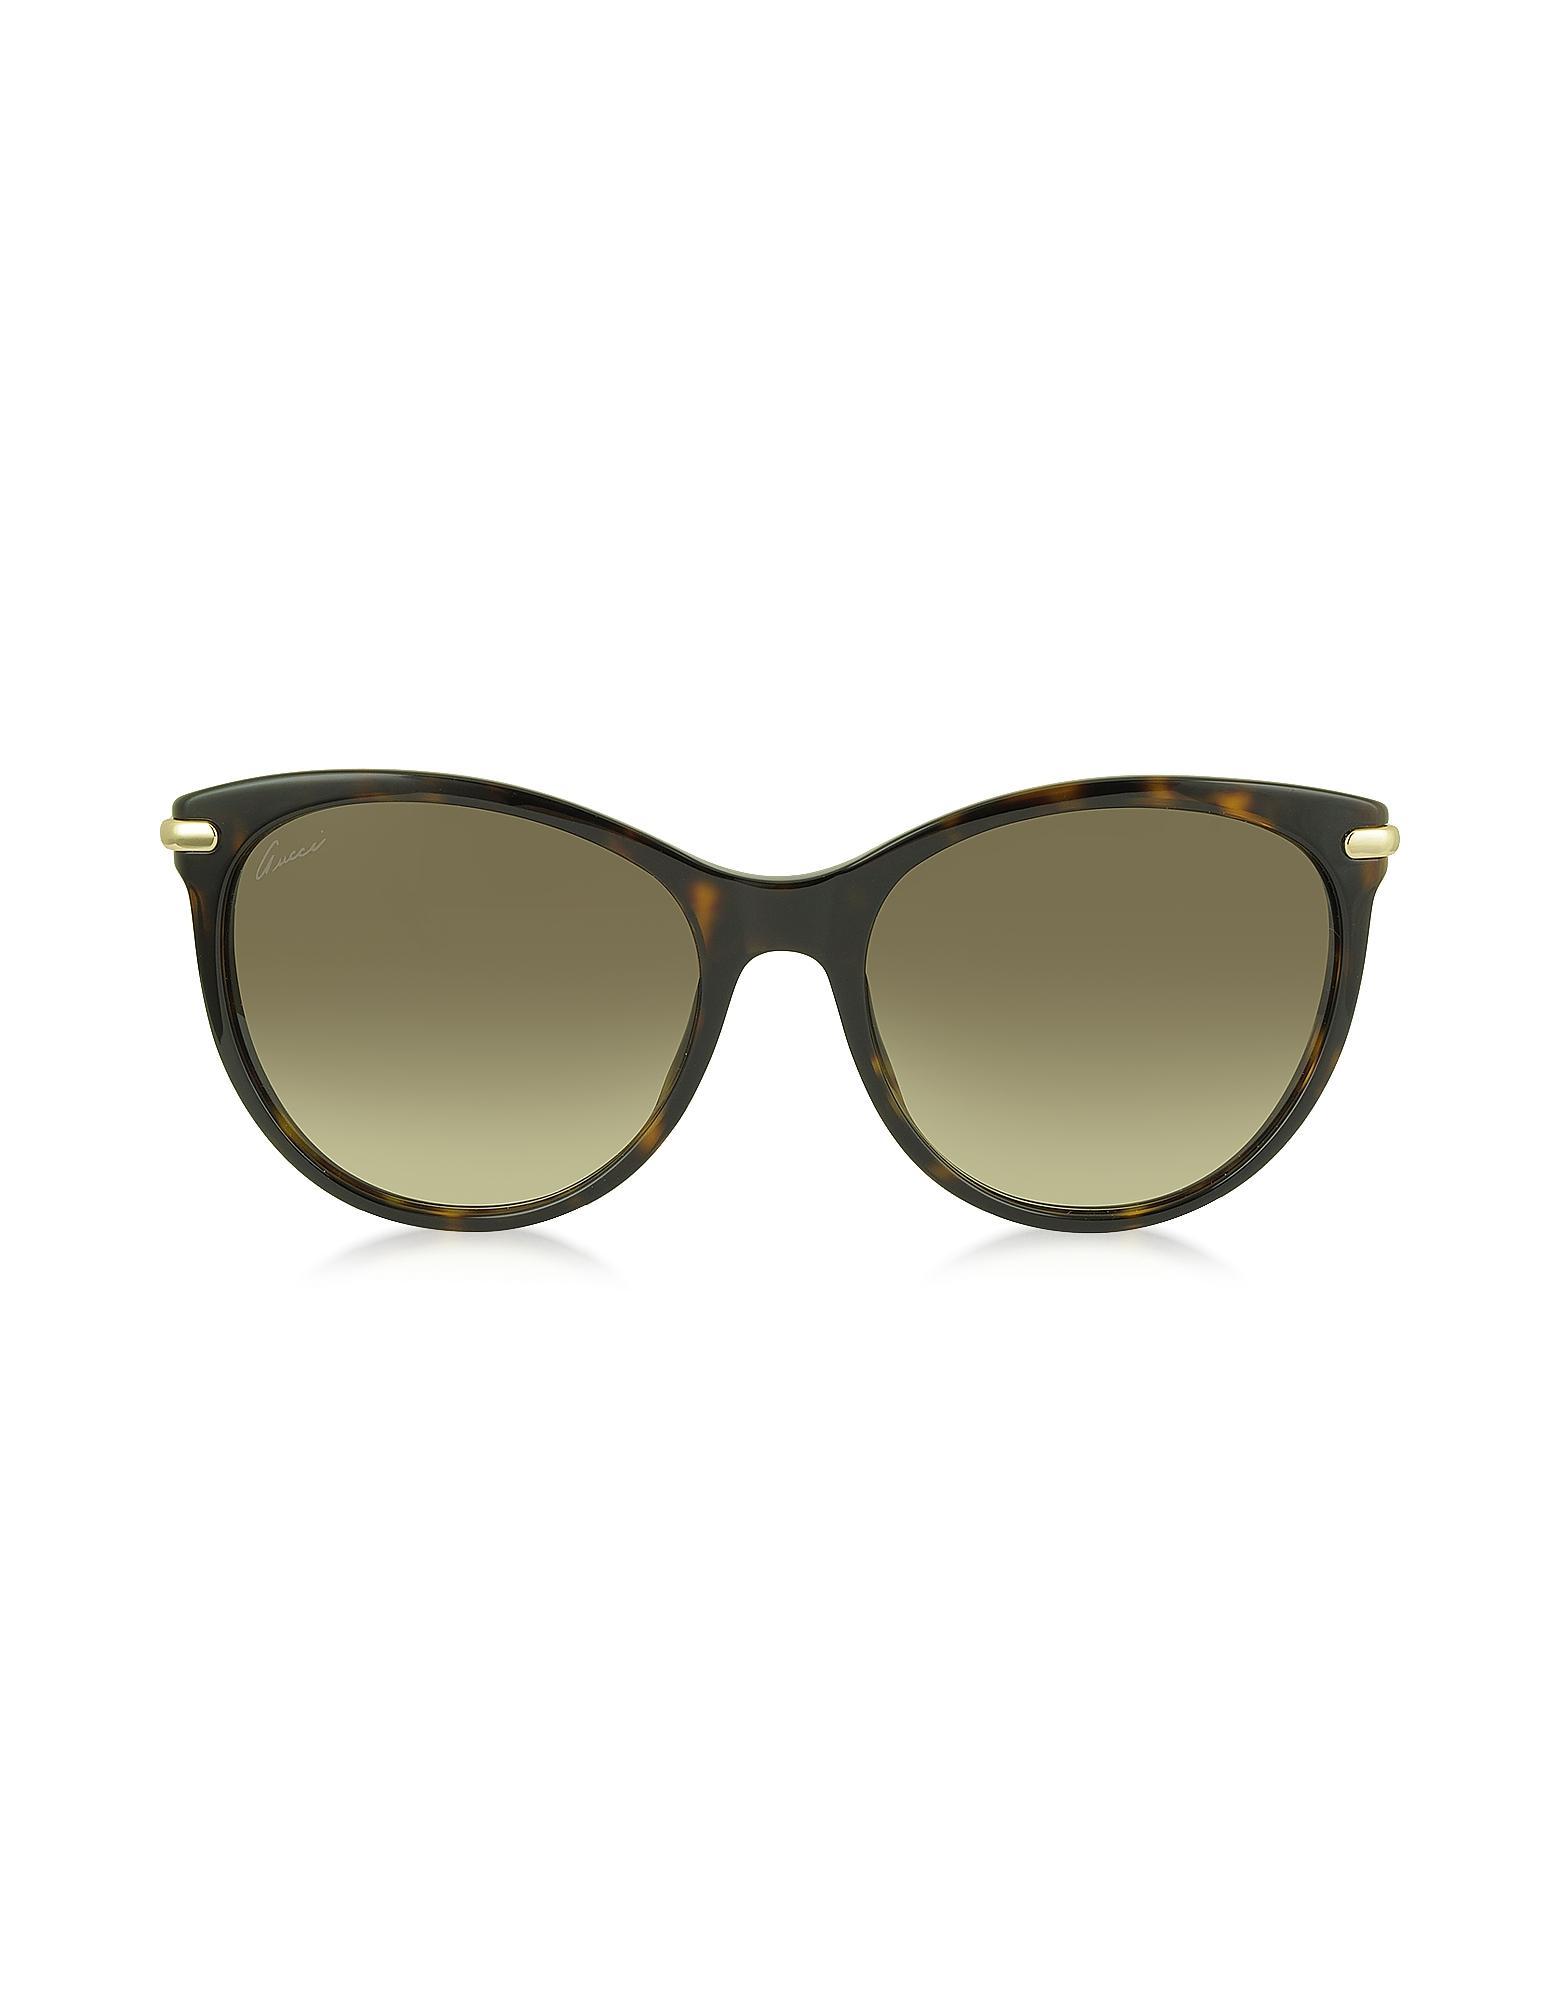 b5f30c21d5 Gucci Bamboo Cat Eye 3771 s Sunglasses Black